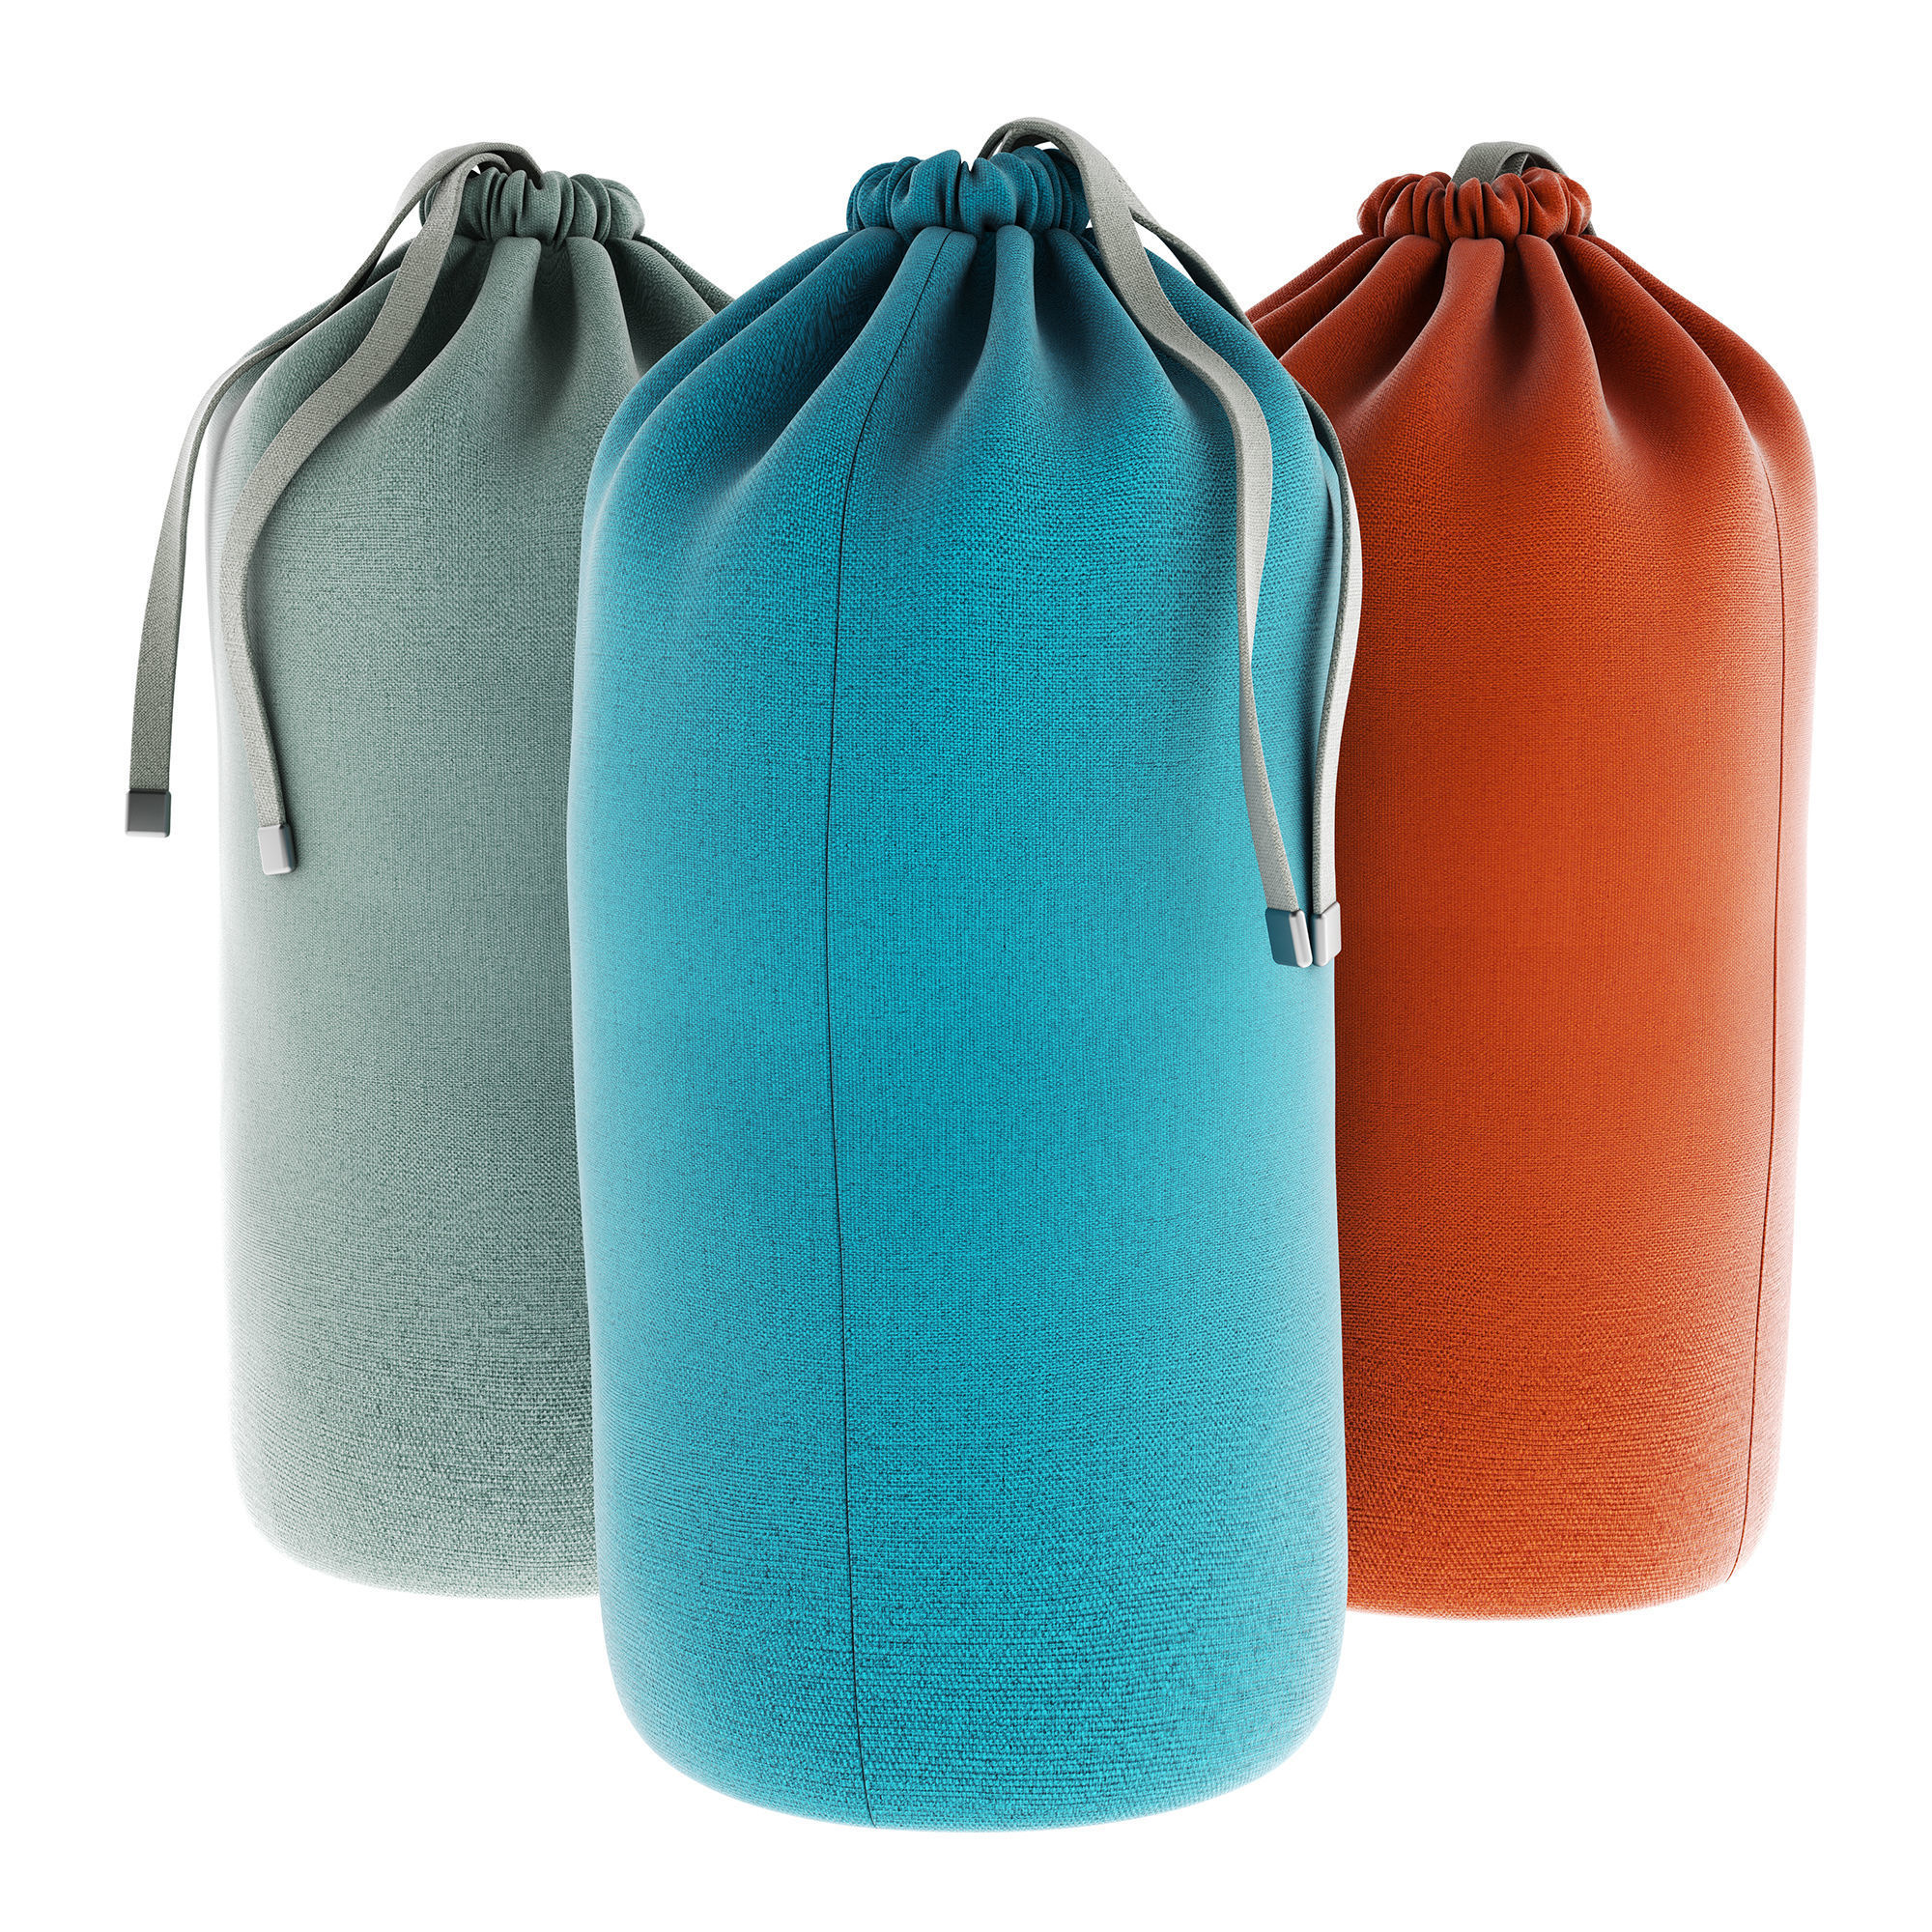 Textile Tie Bag